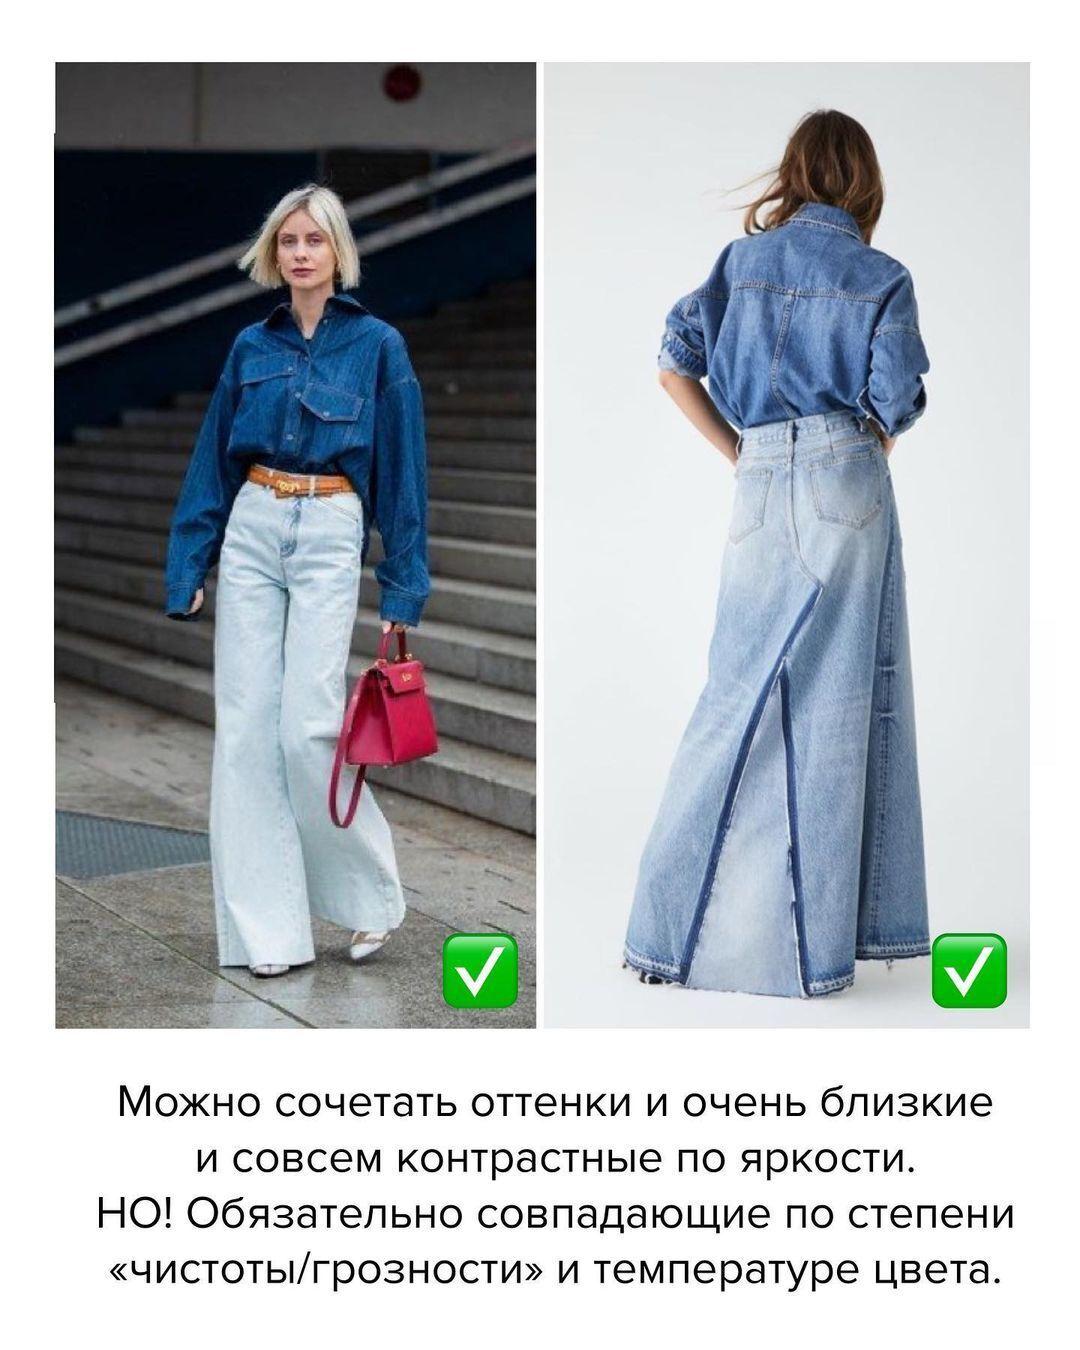 Стилістично джинса як матеріал – проста